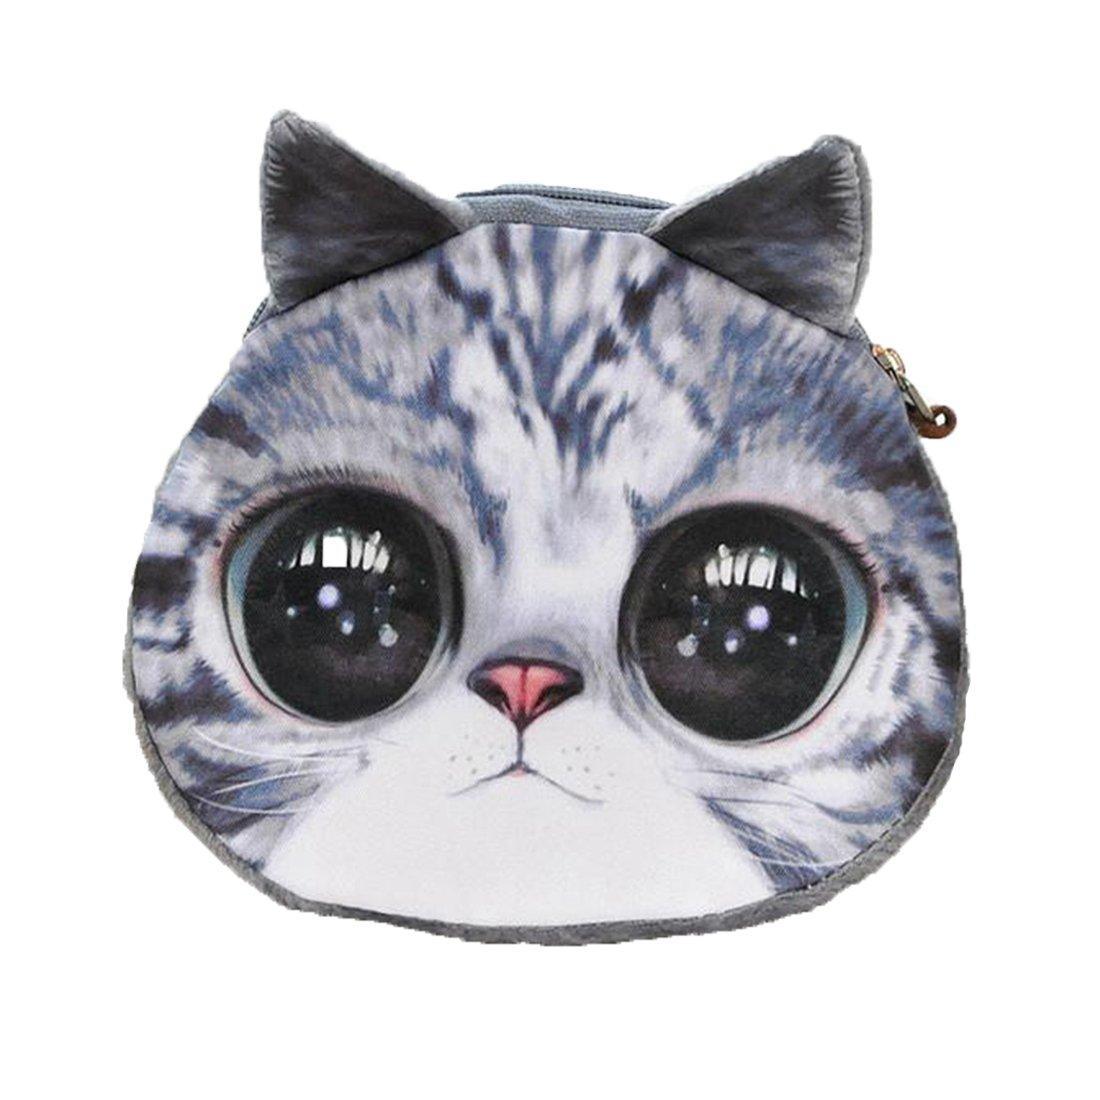 LQZ(TM) Femmes Fille Porte-monnaie Mini Bourse Coin Portefeuille Zip Mignon 3D Animal Cadeau